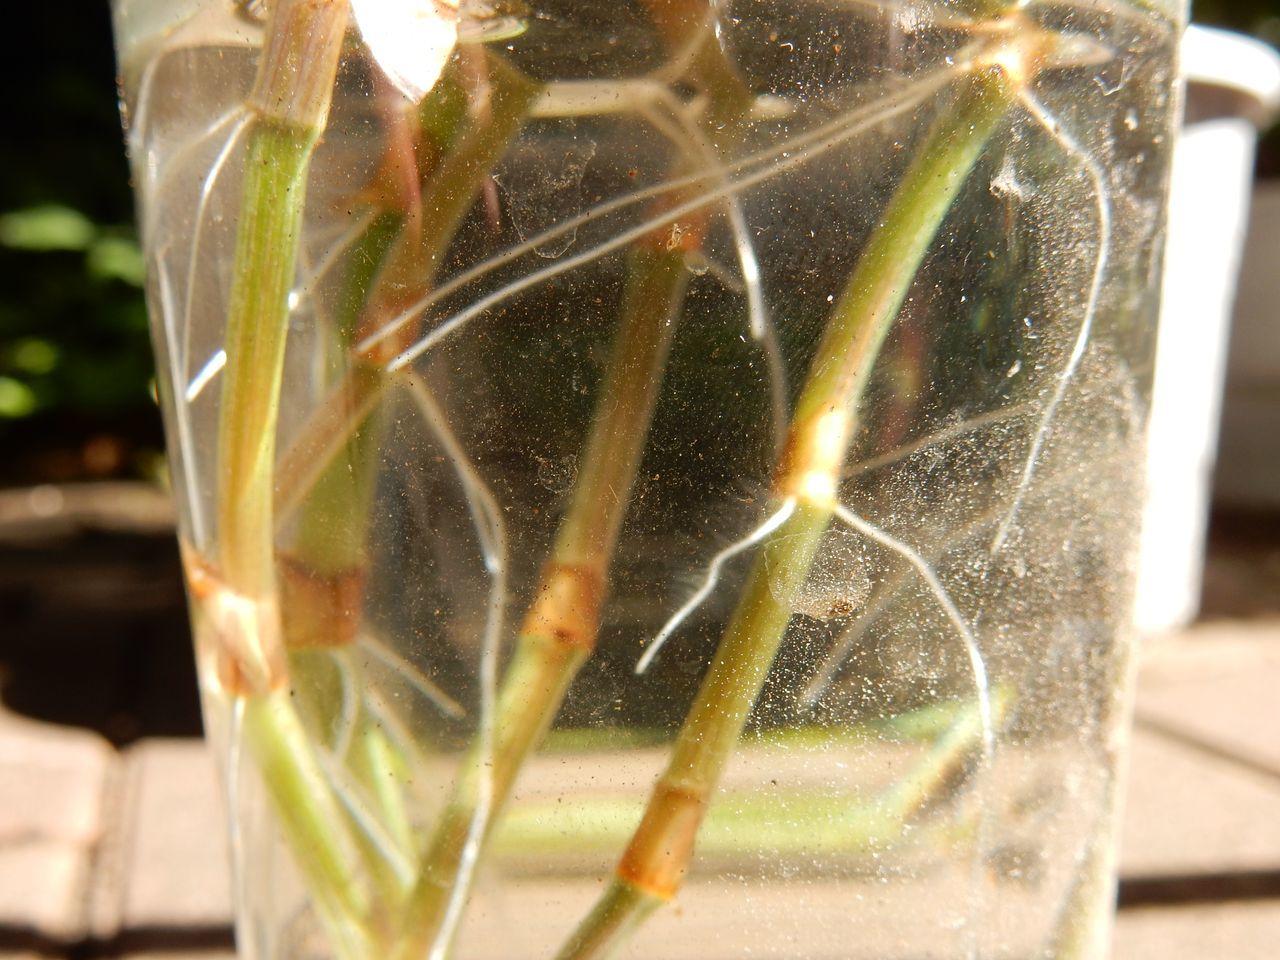 多くの植物は水に挿しておくだけで根が出てくる_c0025115_23242399.jpg